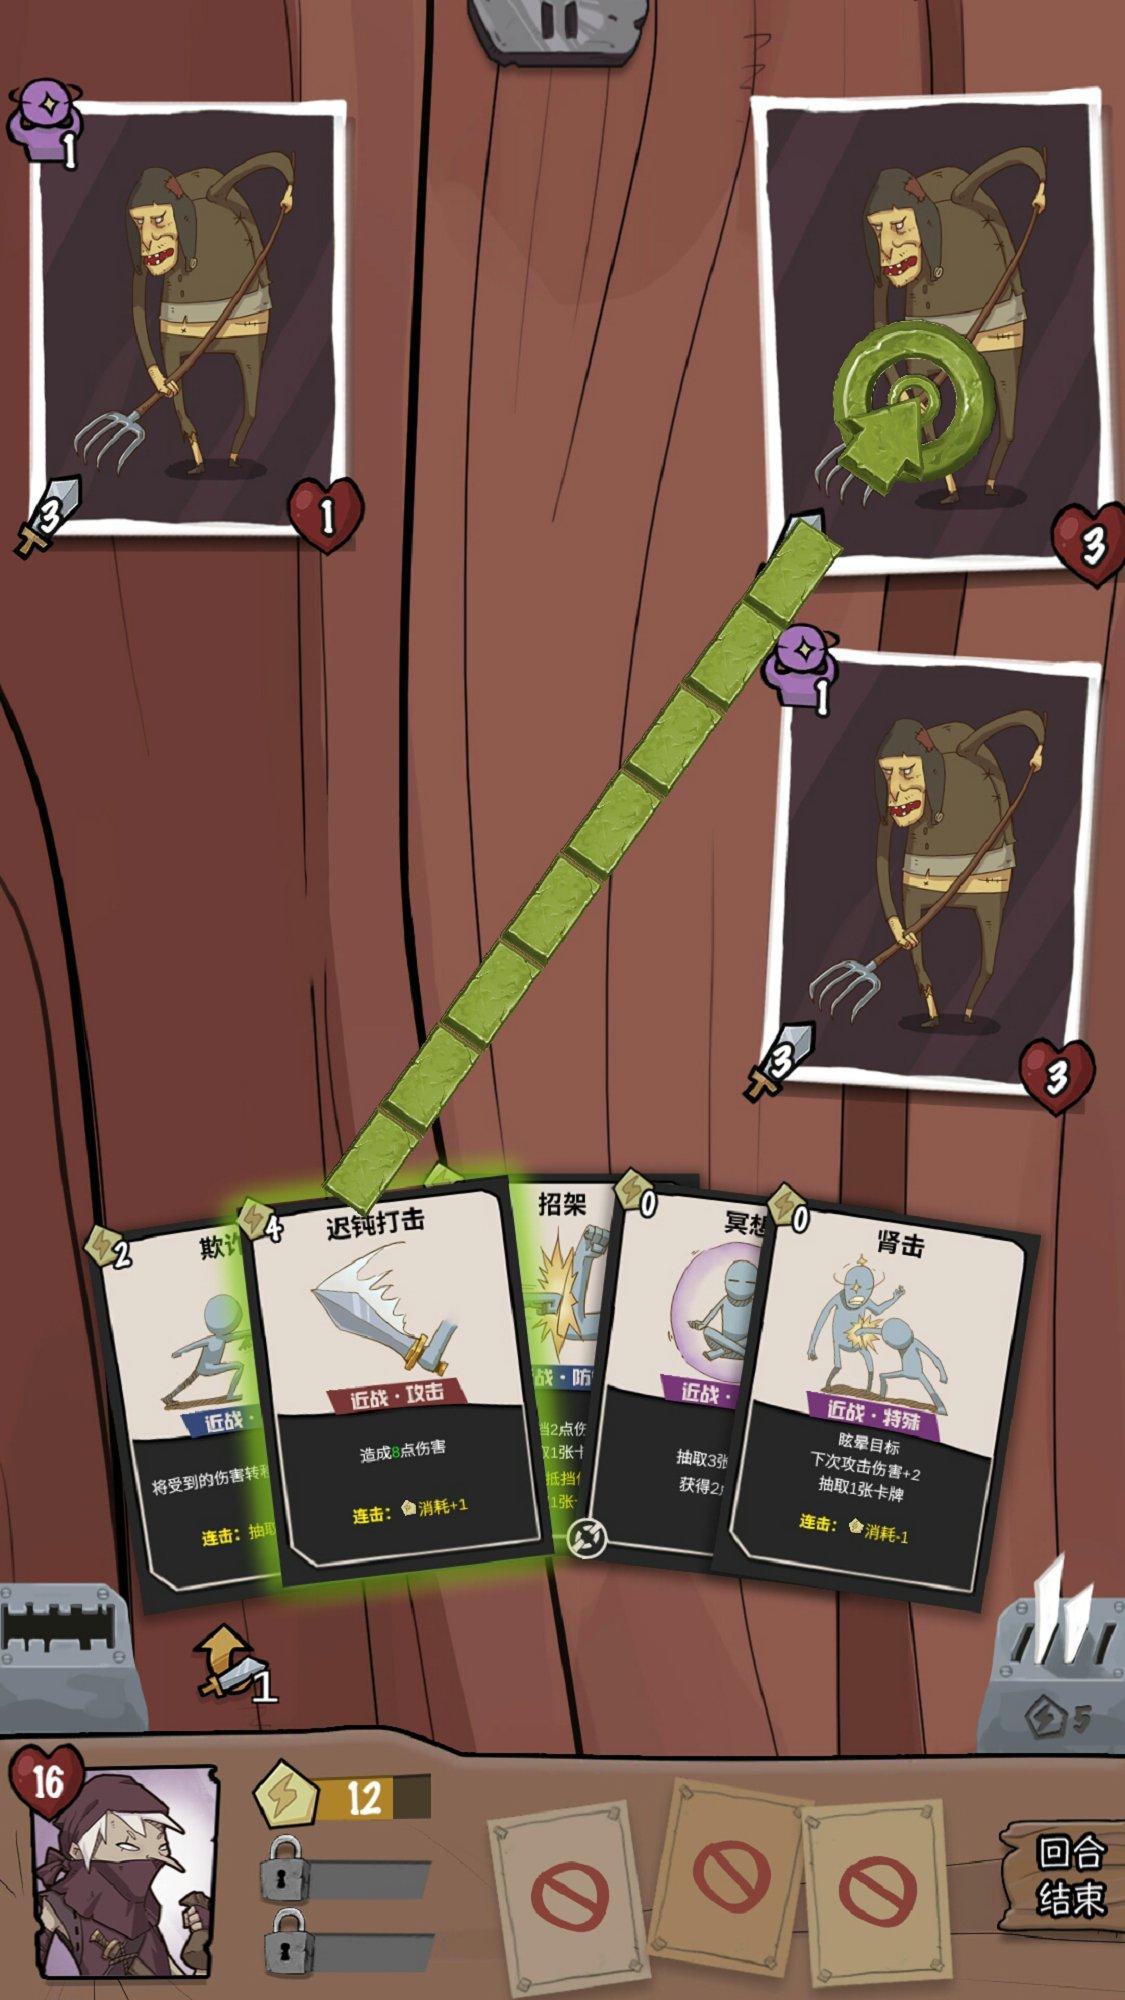 卡牌与冒险 v2.0.0截图